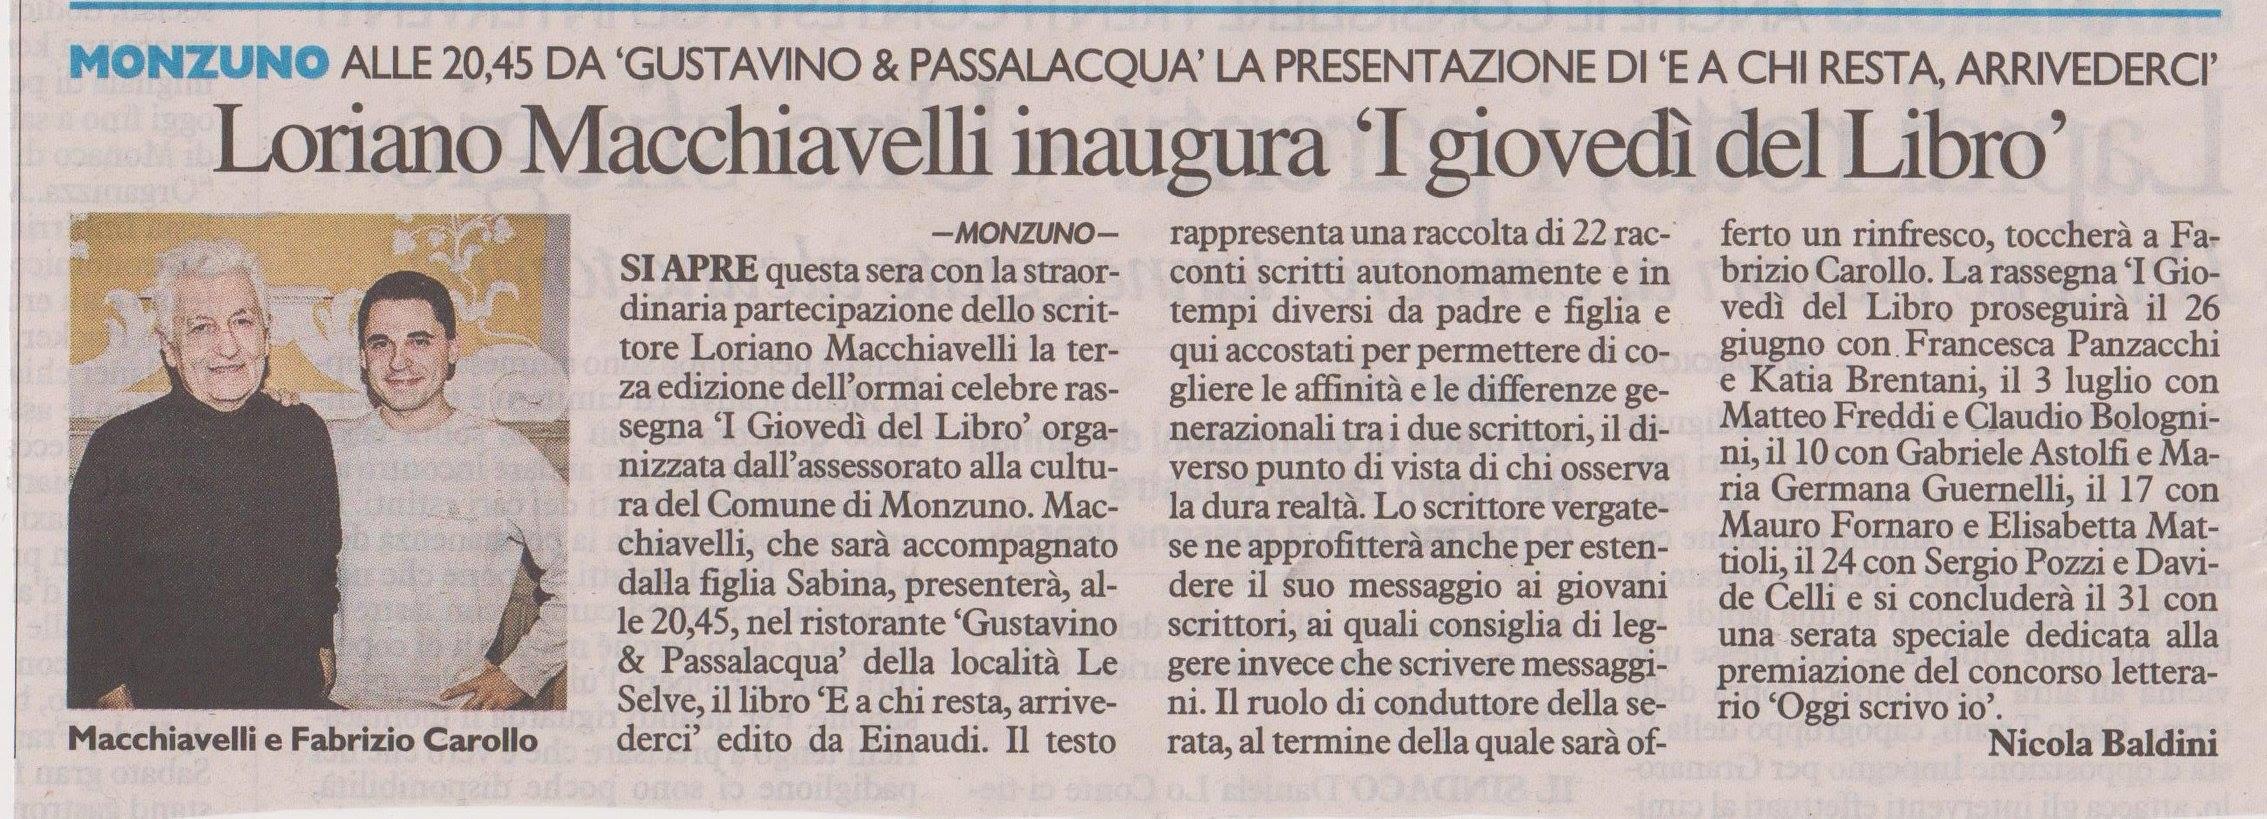 articolo_il_resto_del_carlino_giugno_2014.jpg